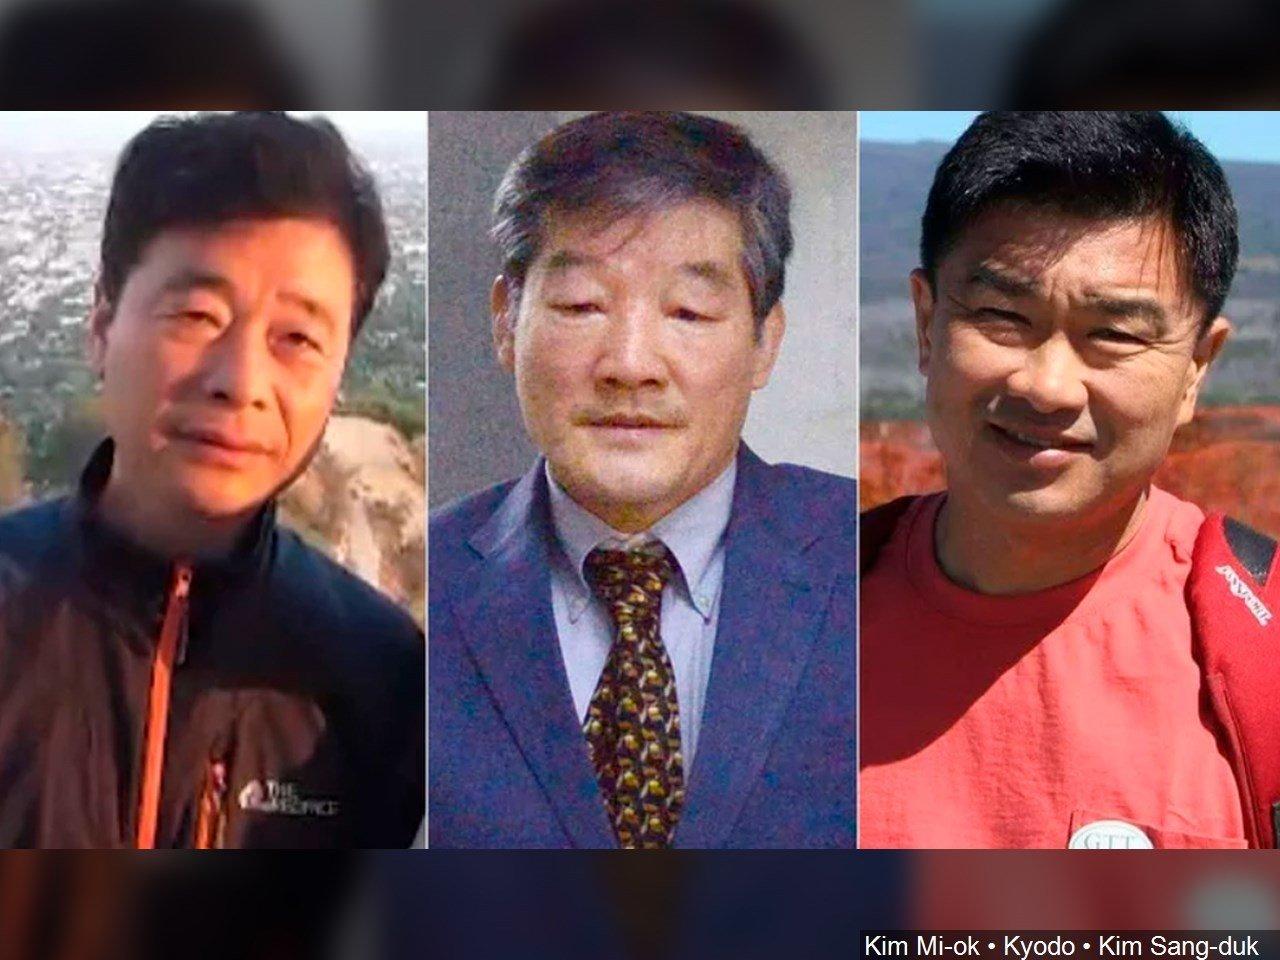 Americans held in North Korea (L-R) Kim Hak Song, Kim Dong Chul and Kim Sang Duk (Tony Kim)